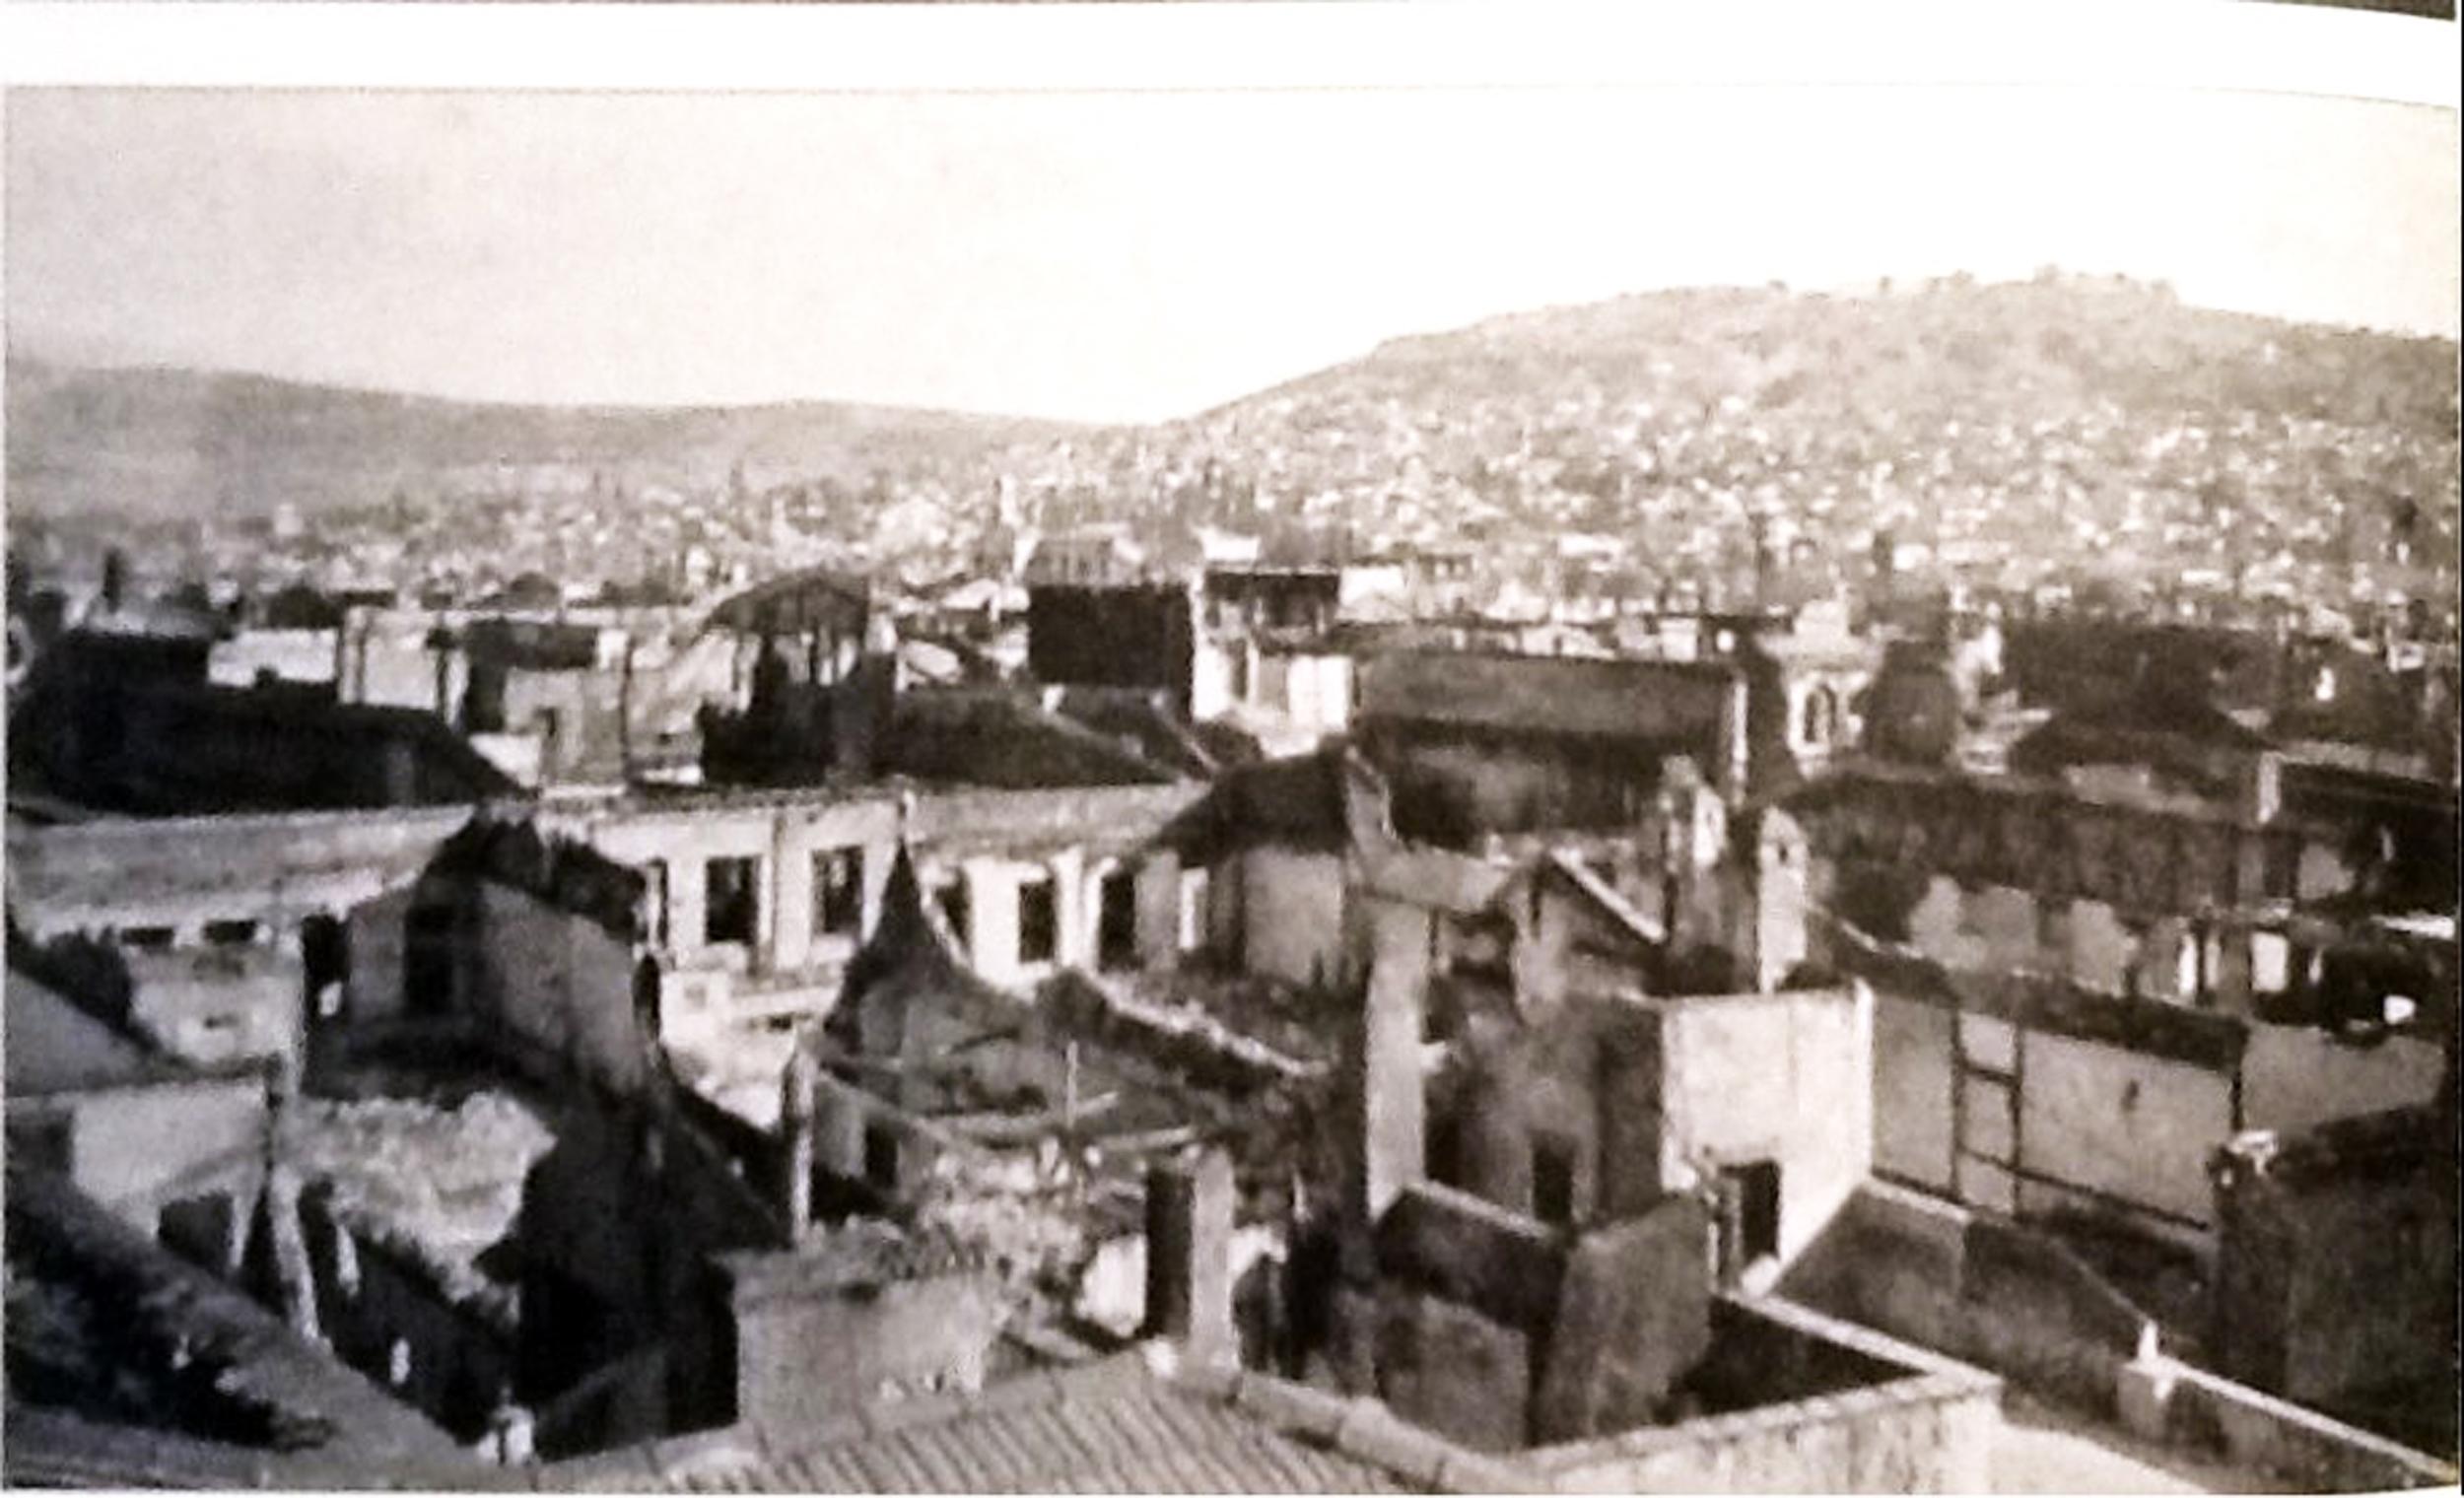 İzmir Tahrip Edilen Hıristiyan Mahallesi 1922.jpg